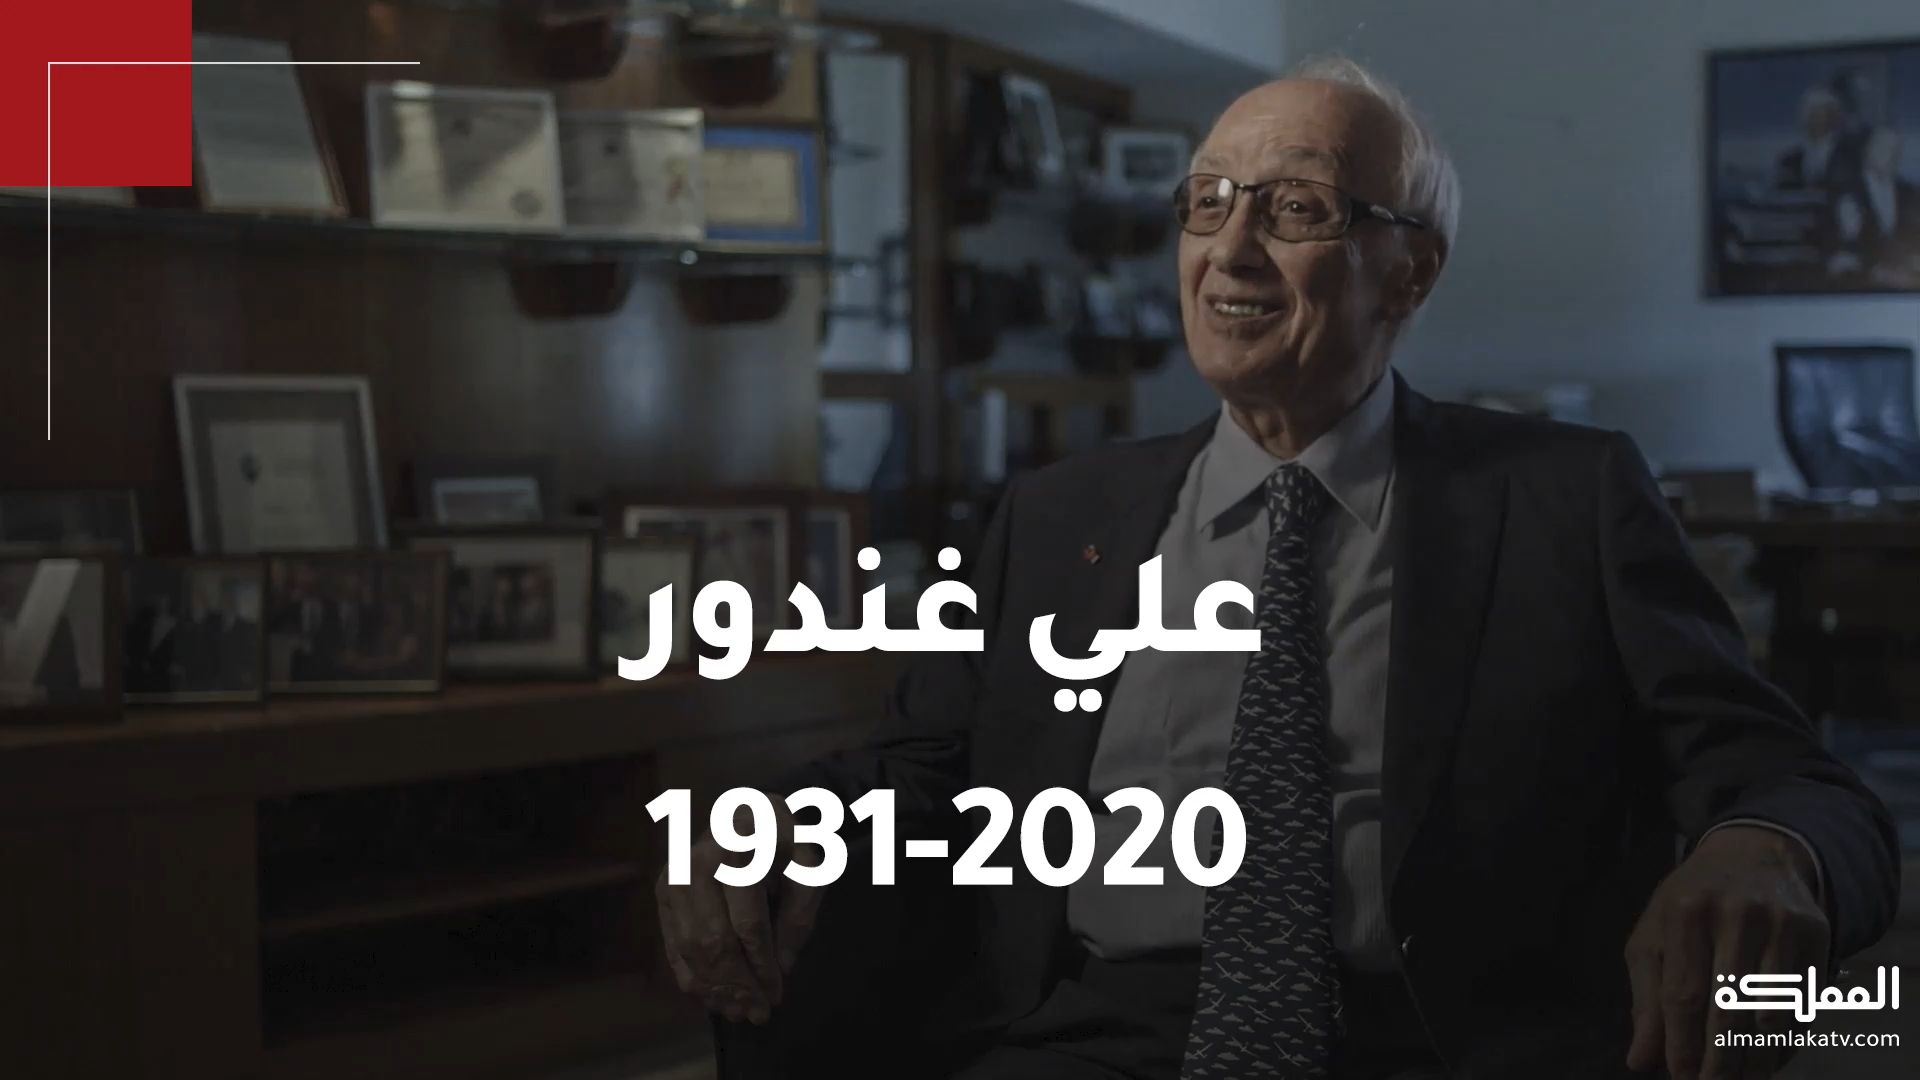 وفاة علي غندور عن عمر يناهز 89 عاماً .. بعد مسيرة حافلة في قطاع الطيران